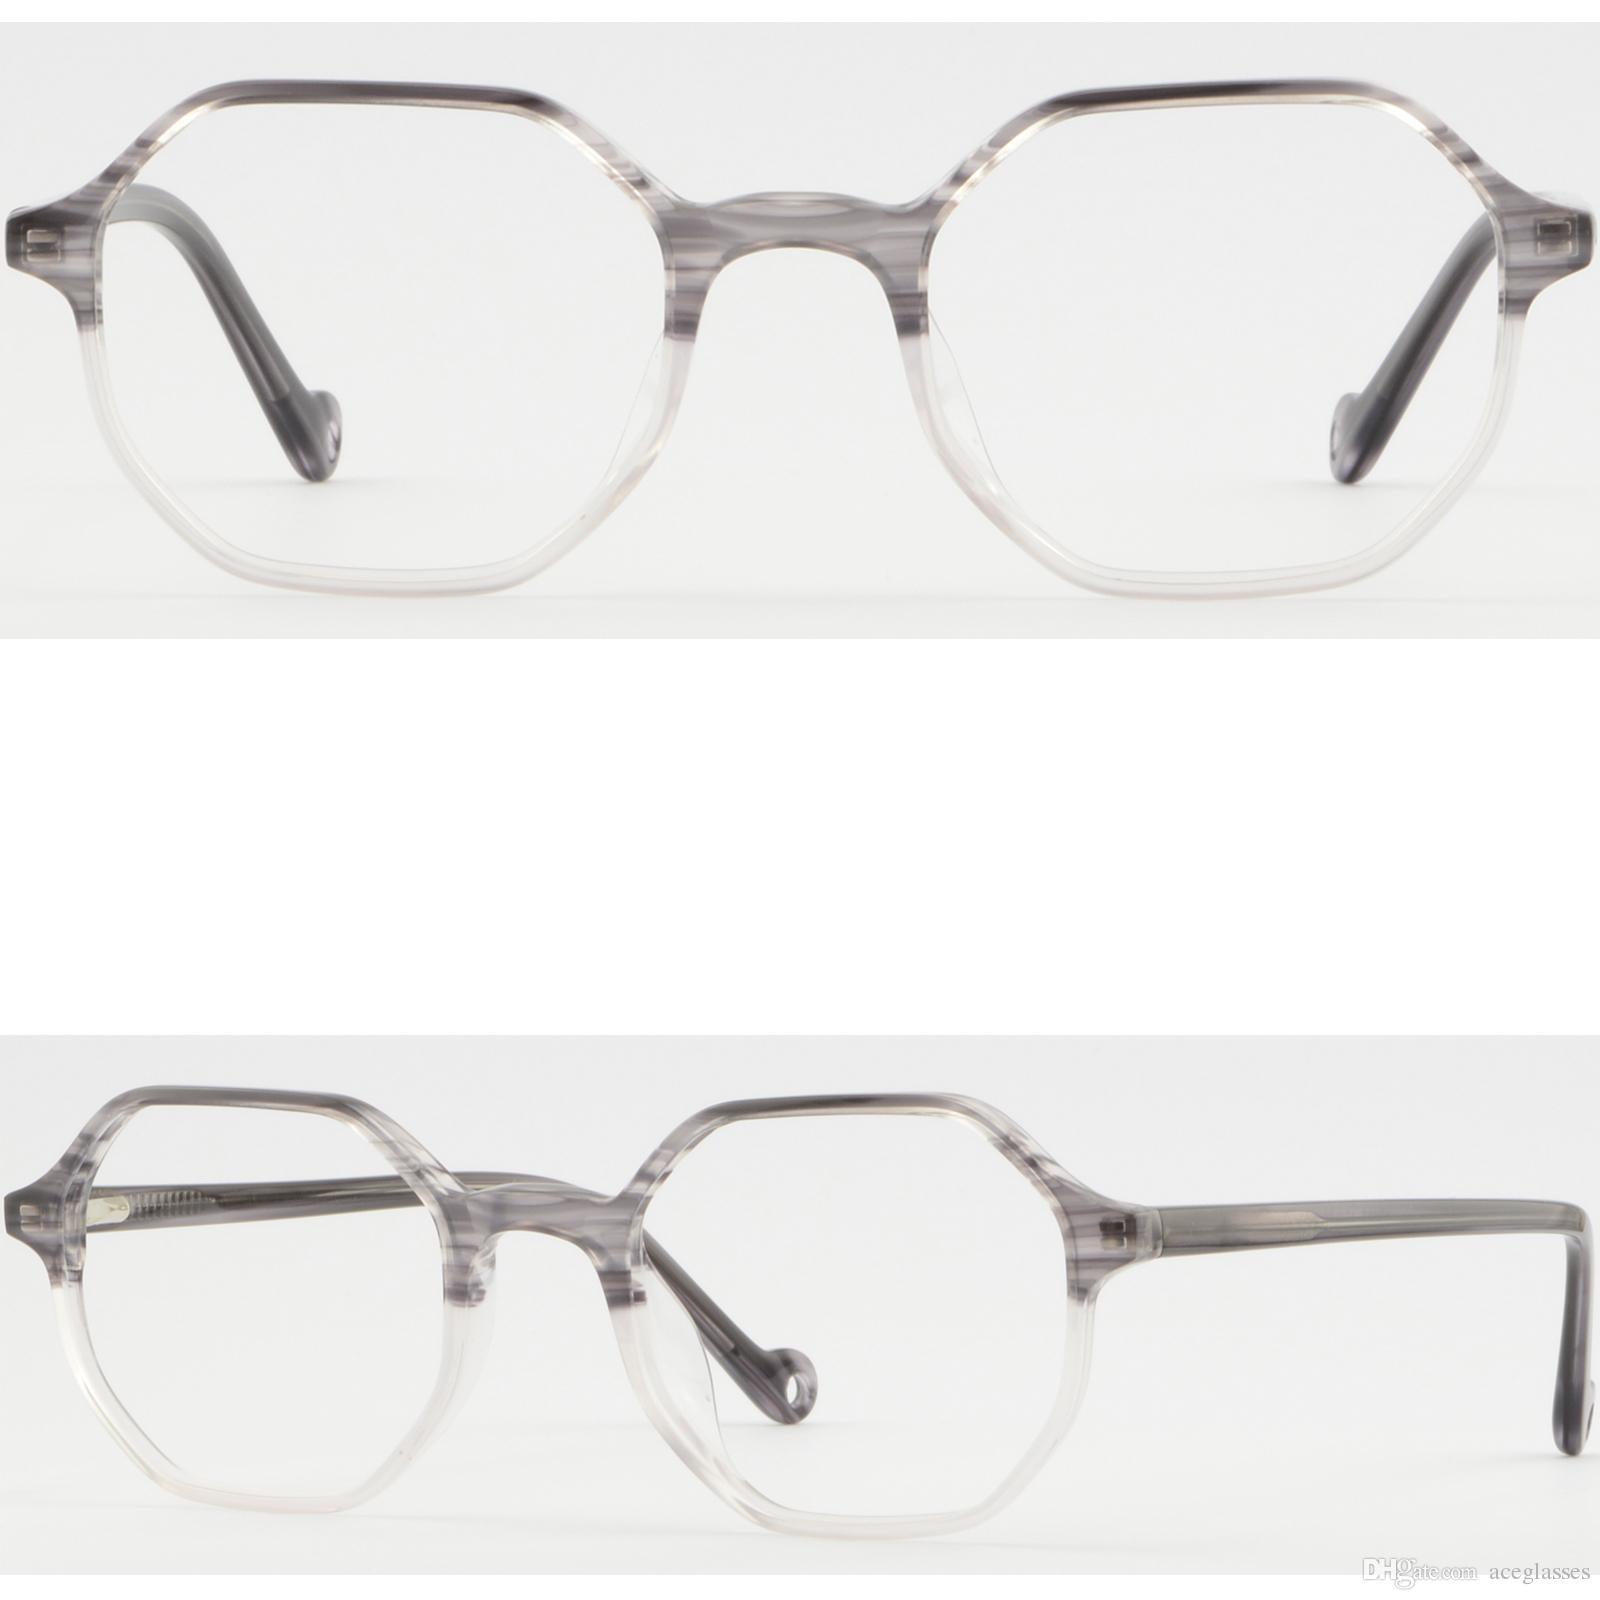 il più votato genuino selezione mondiale di reputazione affidabile Occhiali da vista con montatura in acetato e occhiali da vista